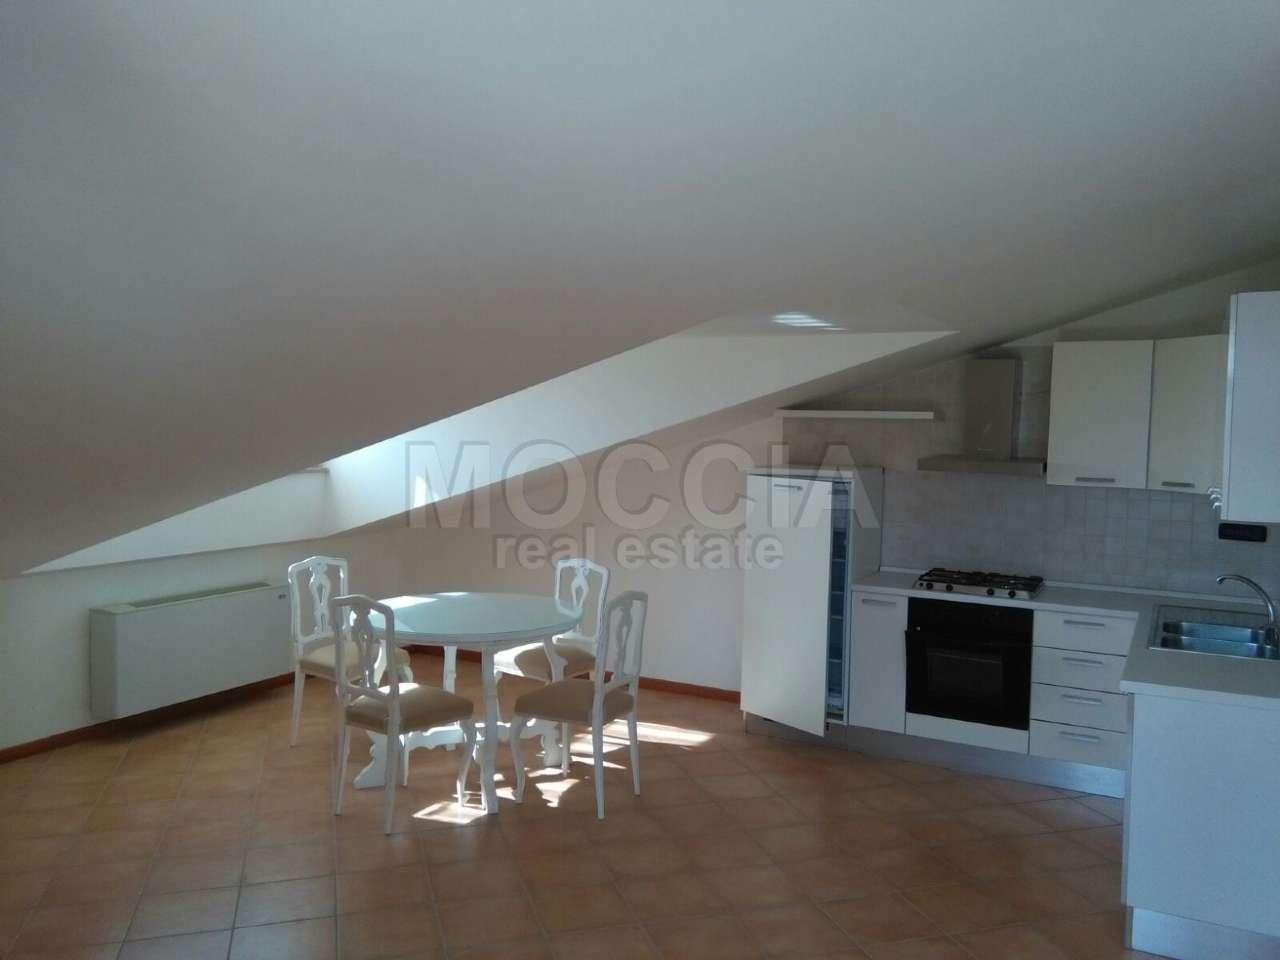 Appartamento in affitto a Caserta, 2 locali, prezzo € 550 | Cambio Casa.it